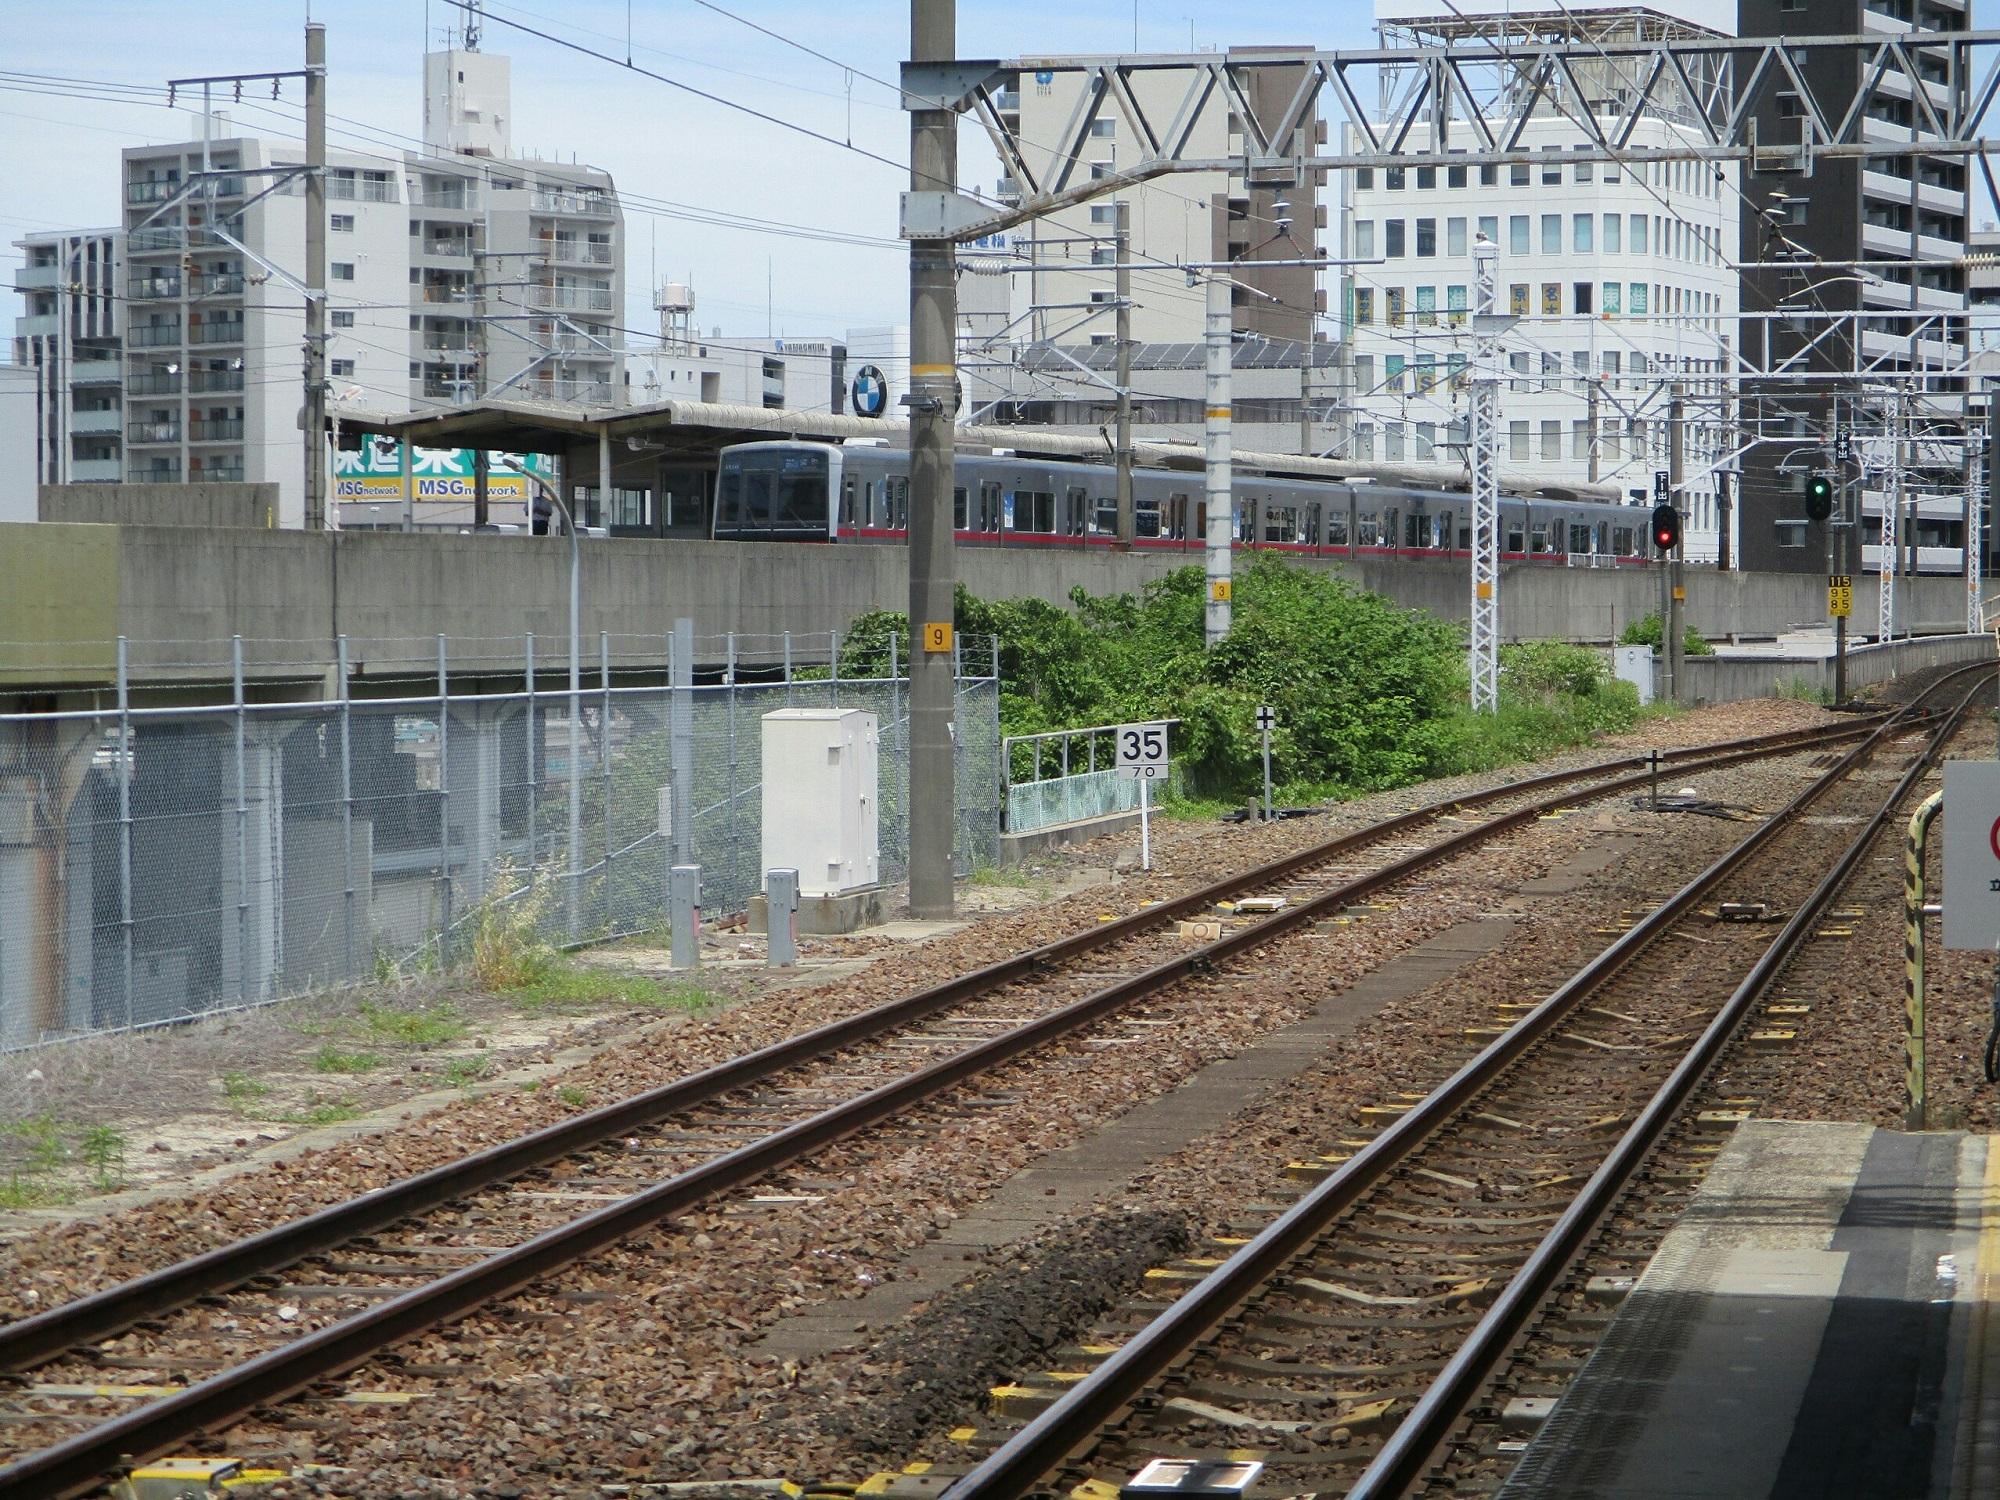 2019.5.22 (9) 大曽根 - 中央線ホームから名鉄ホームの栄町いき急行をみる 2000-1500